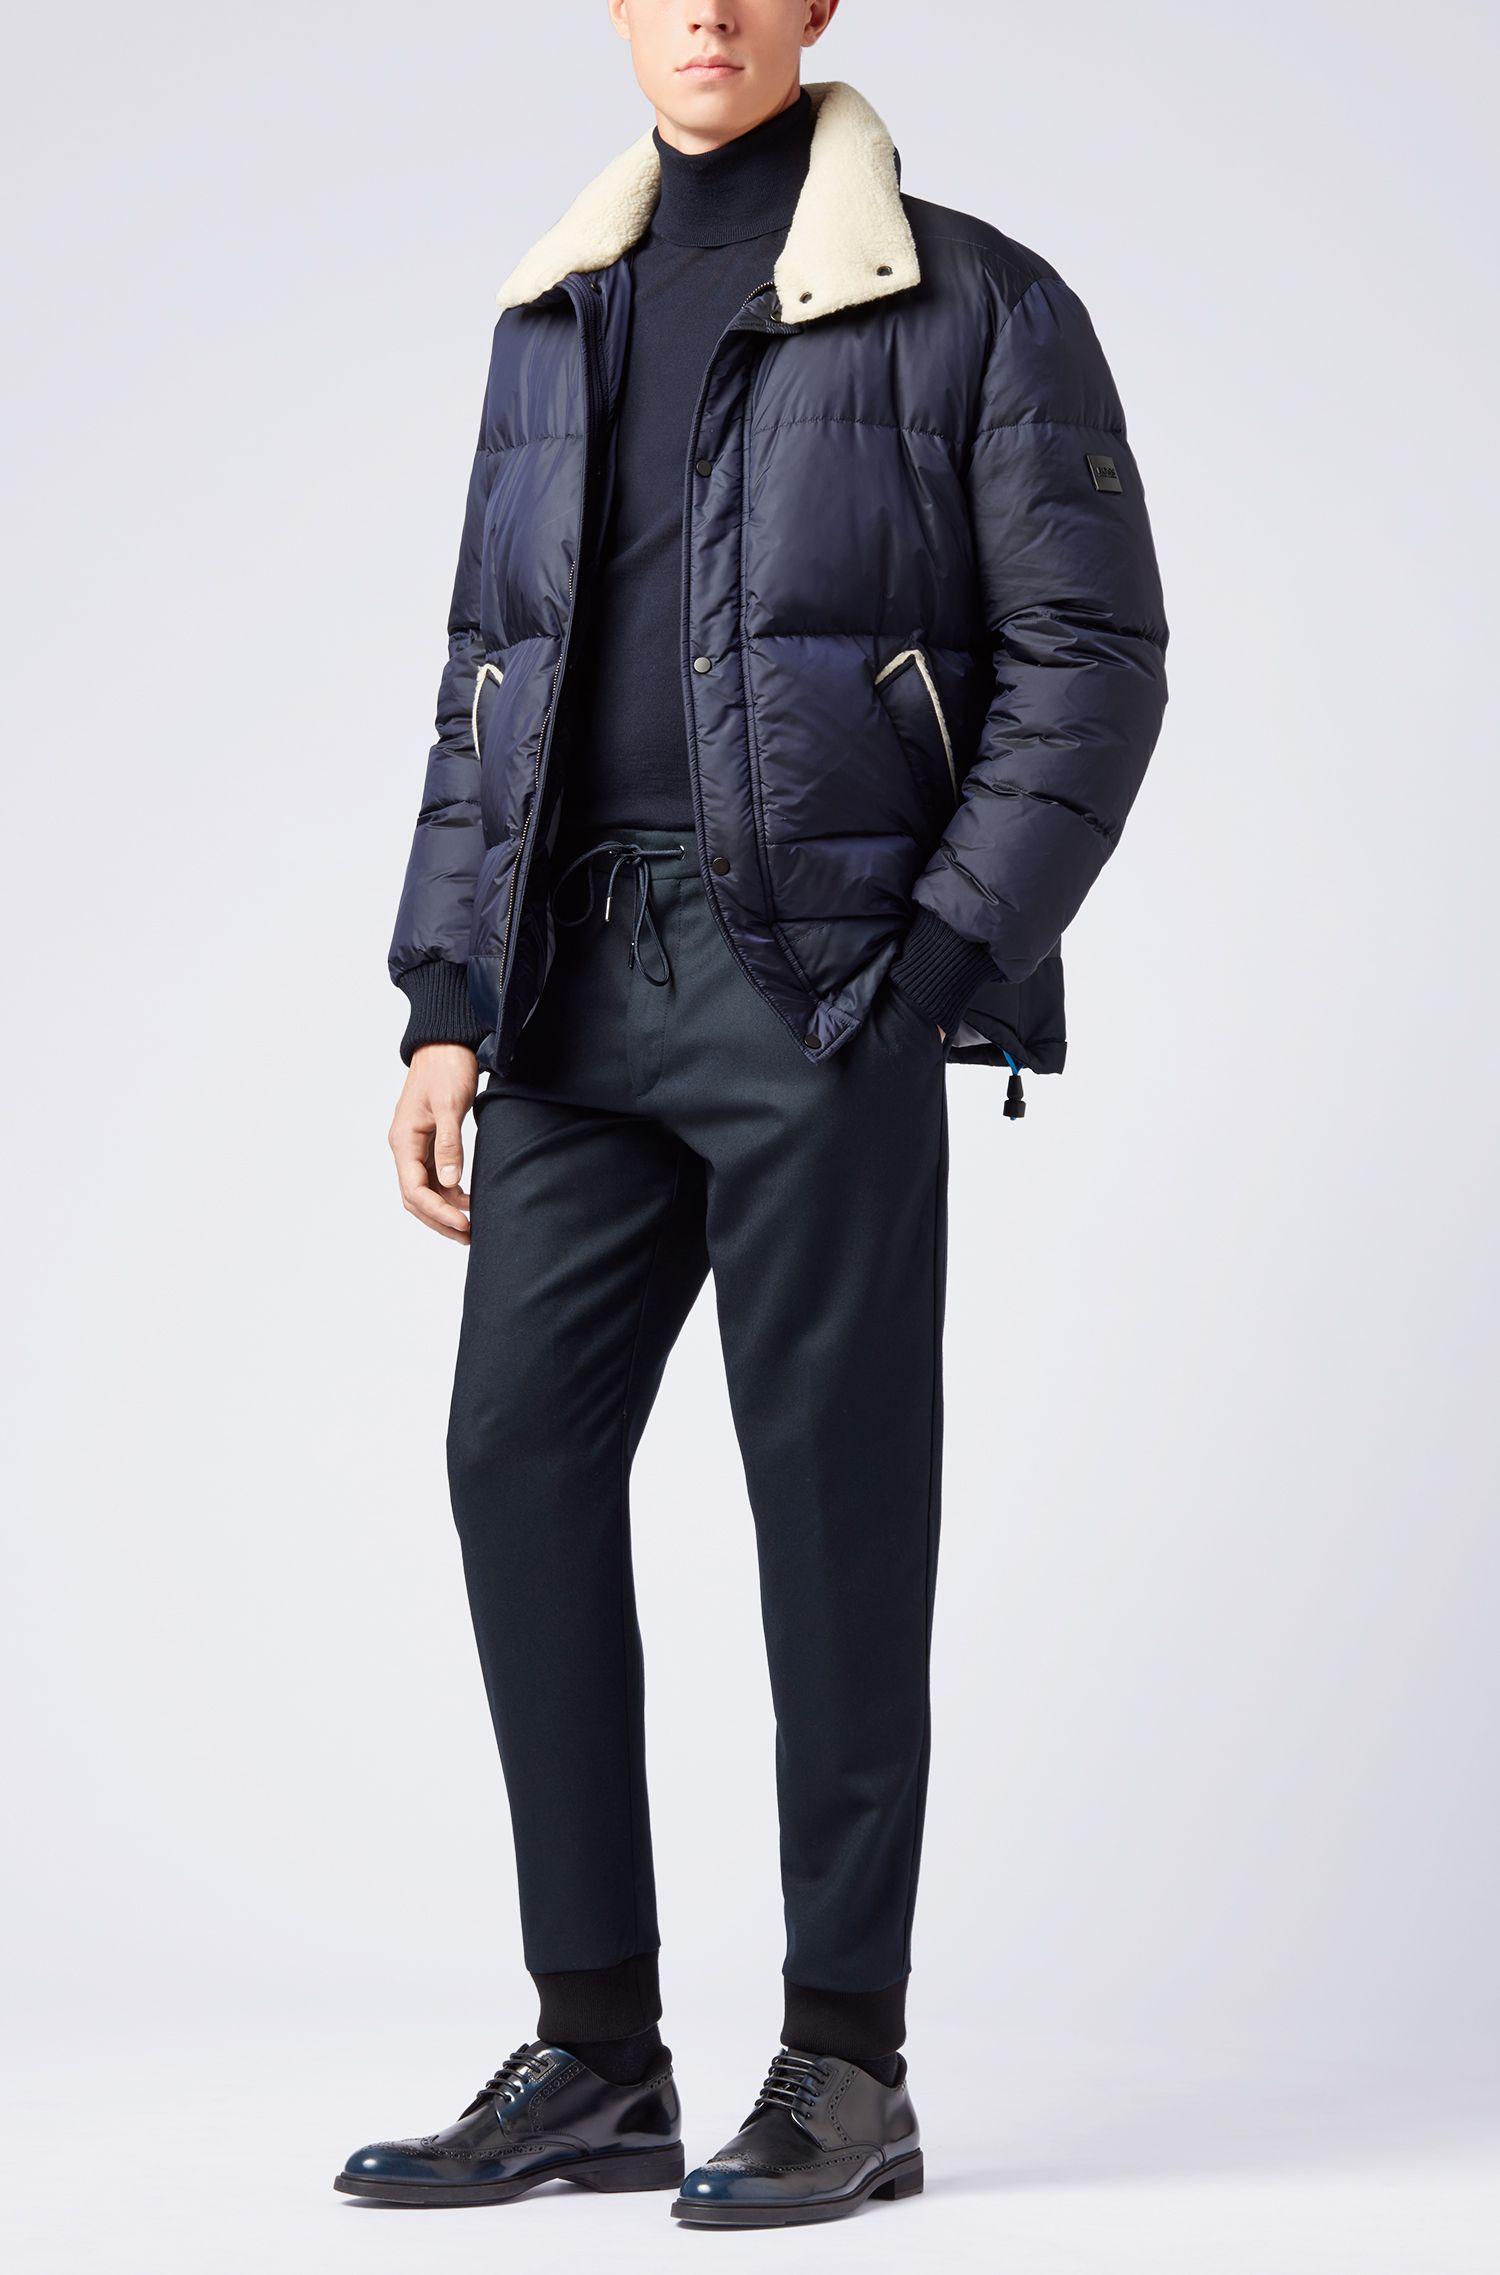 Maglione con colletto a tartaruga in pregiata lana merino realizzata in Italia, Blue Scuro